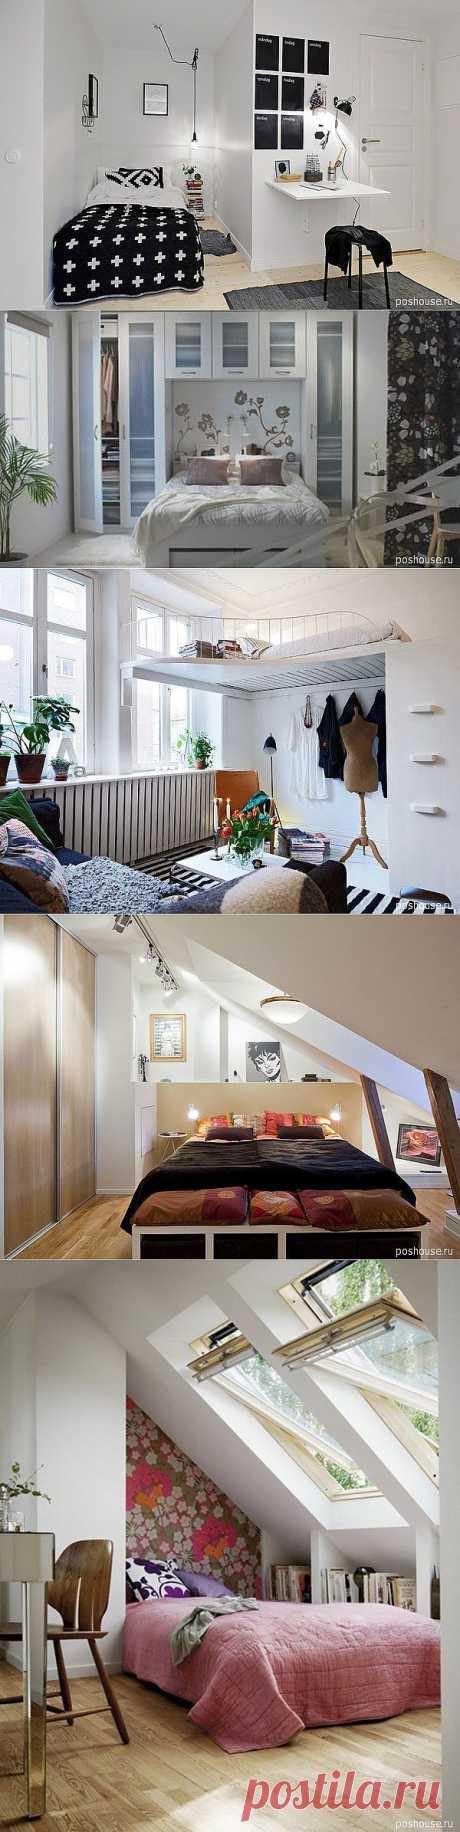 Сорок идей для современного интерьера маленькой спальни!.